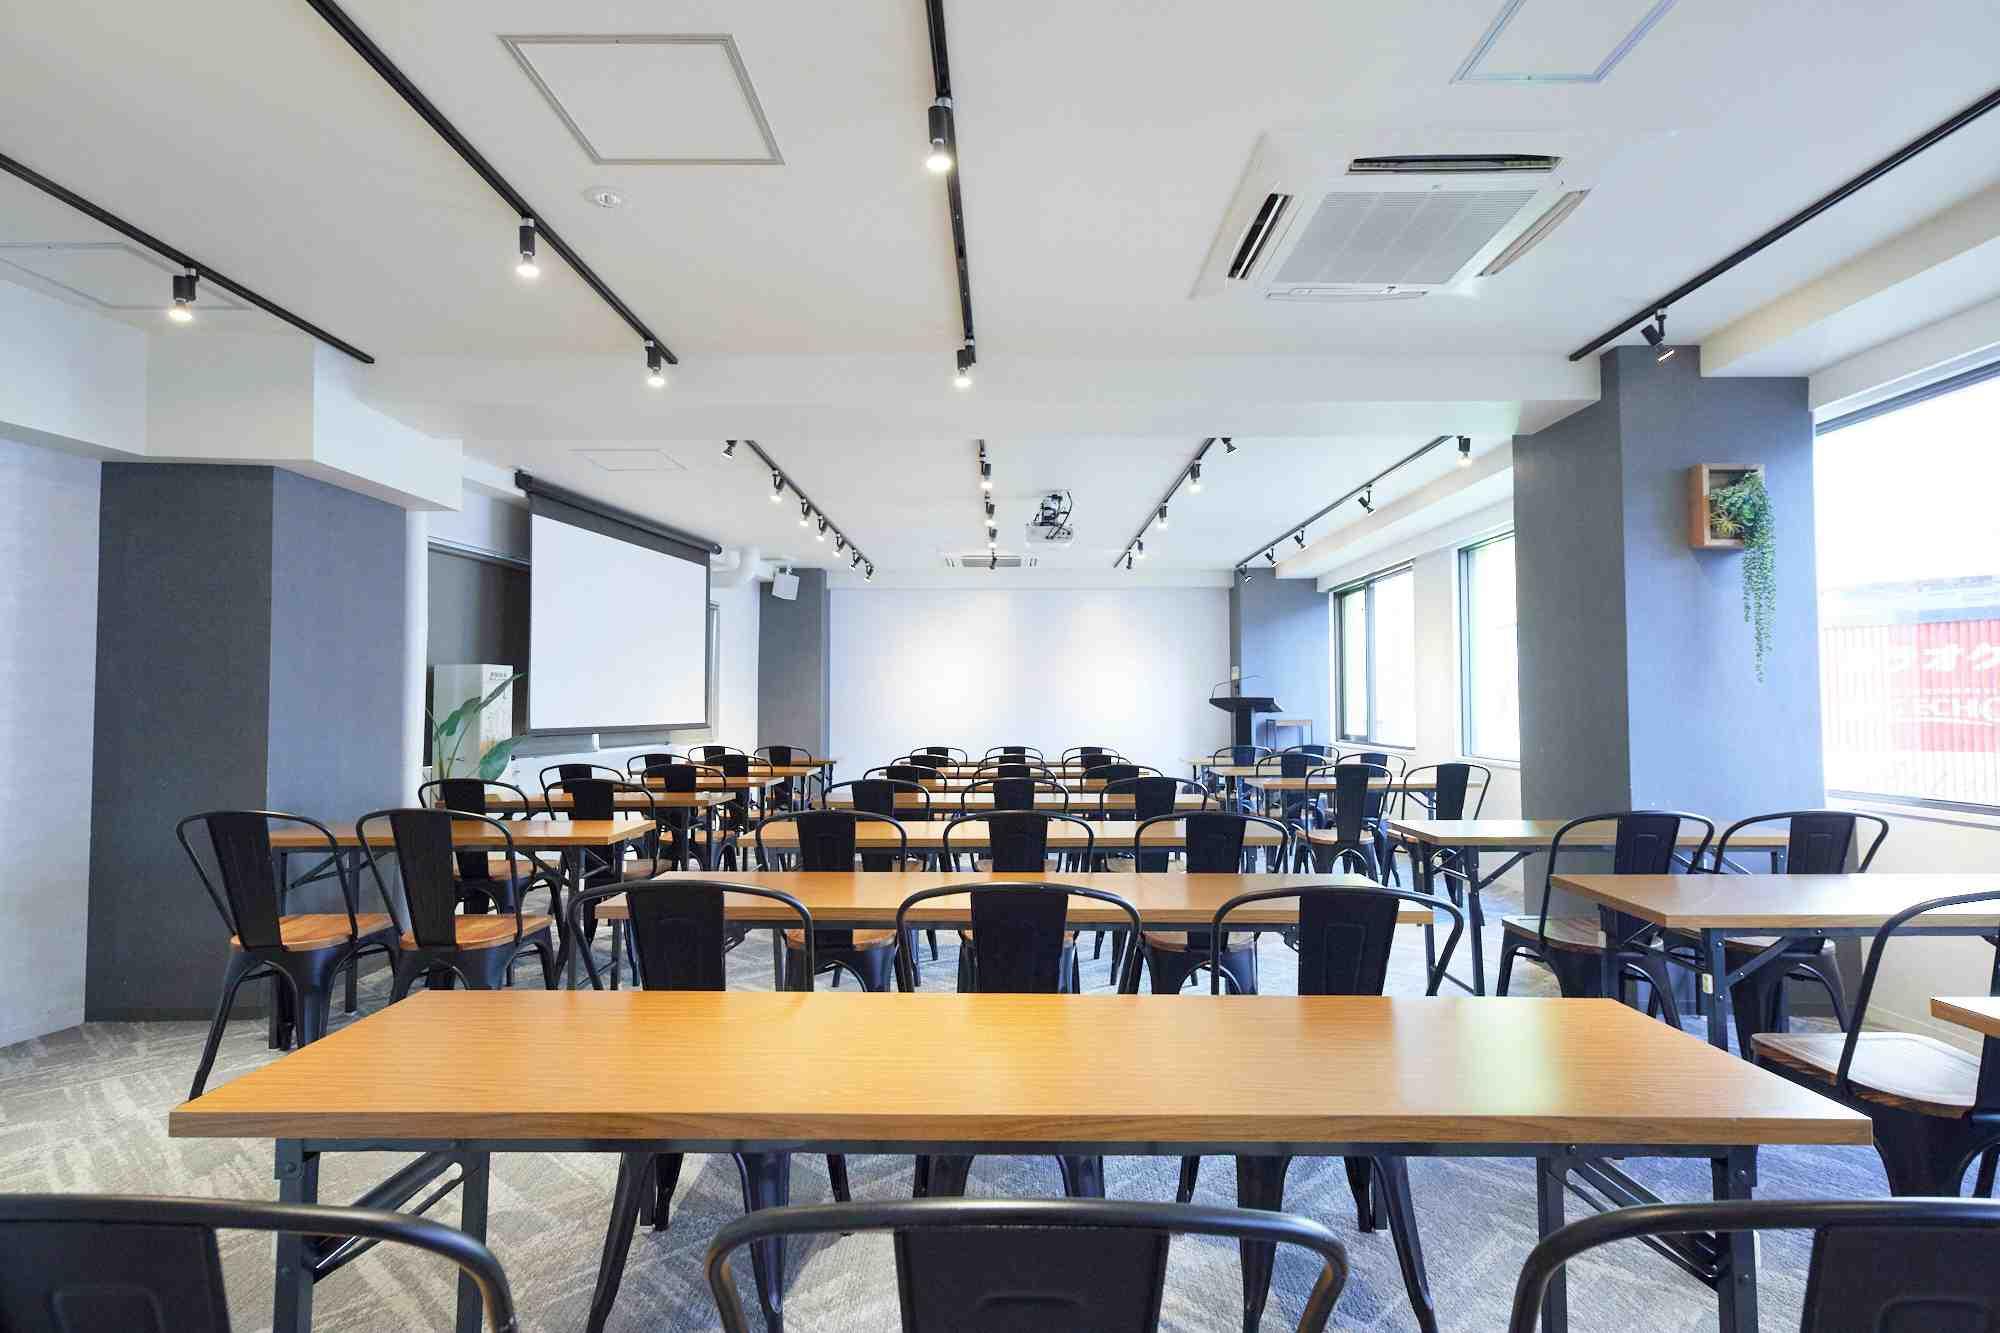 人気の渋谷で借りる、おしゃれな貸し会議室5選|TIME SHARING|タイムシェアリング |スペースマネジメント|あどばる|adval|SHARING